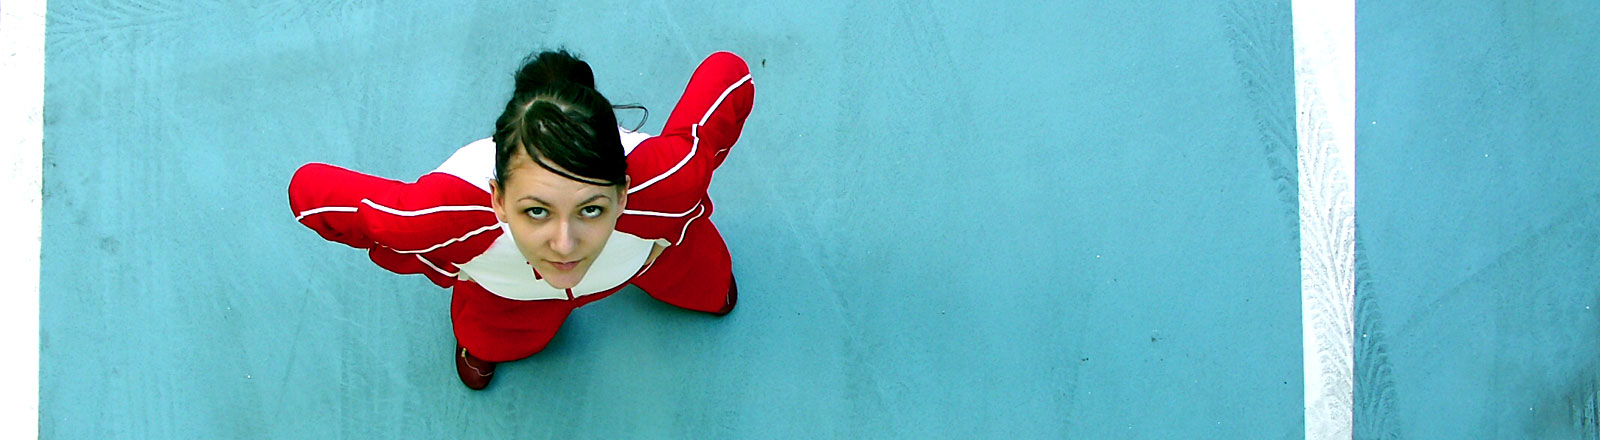 Ein Frau mit roten Anzug steht da und guckt resolut nach oben.